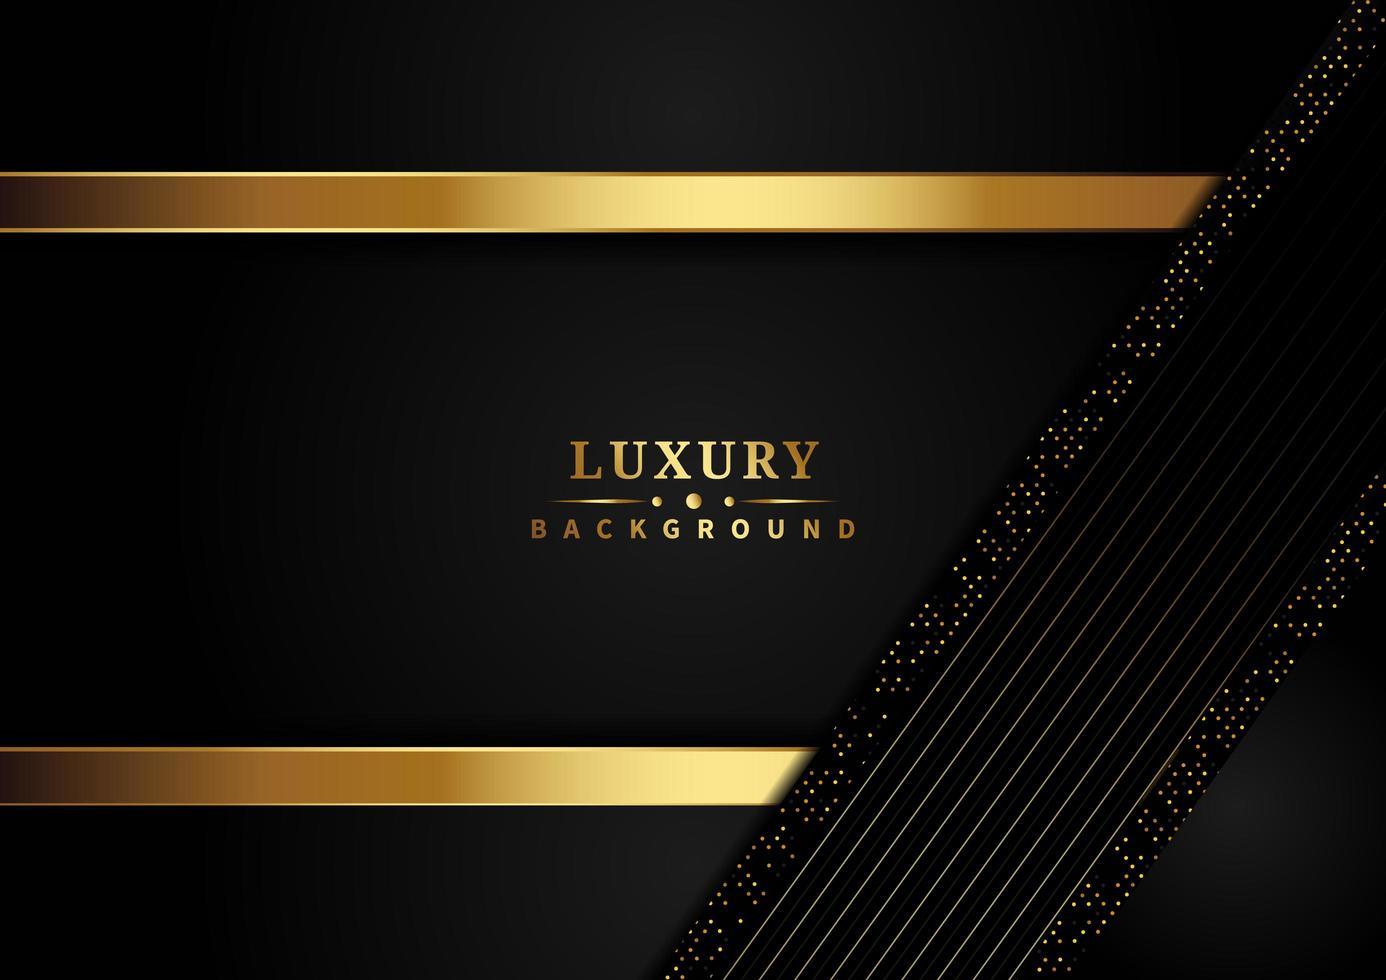 listras douradas luxuosas e efeitos de glitter sobrepostos em fundo escuro vetor